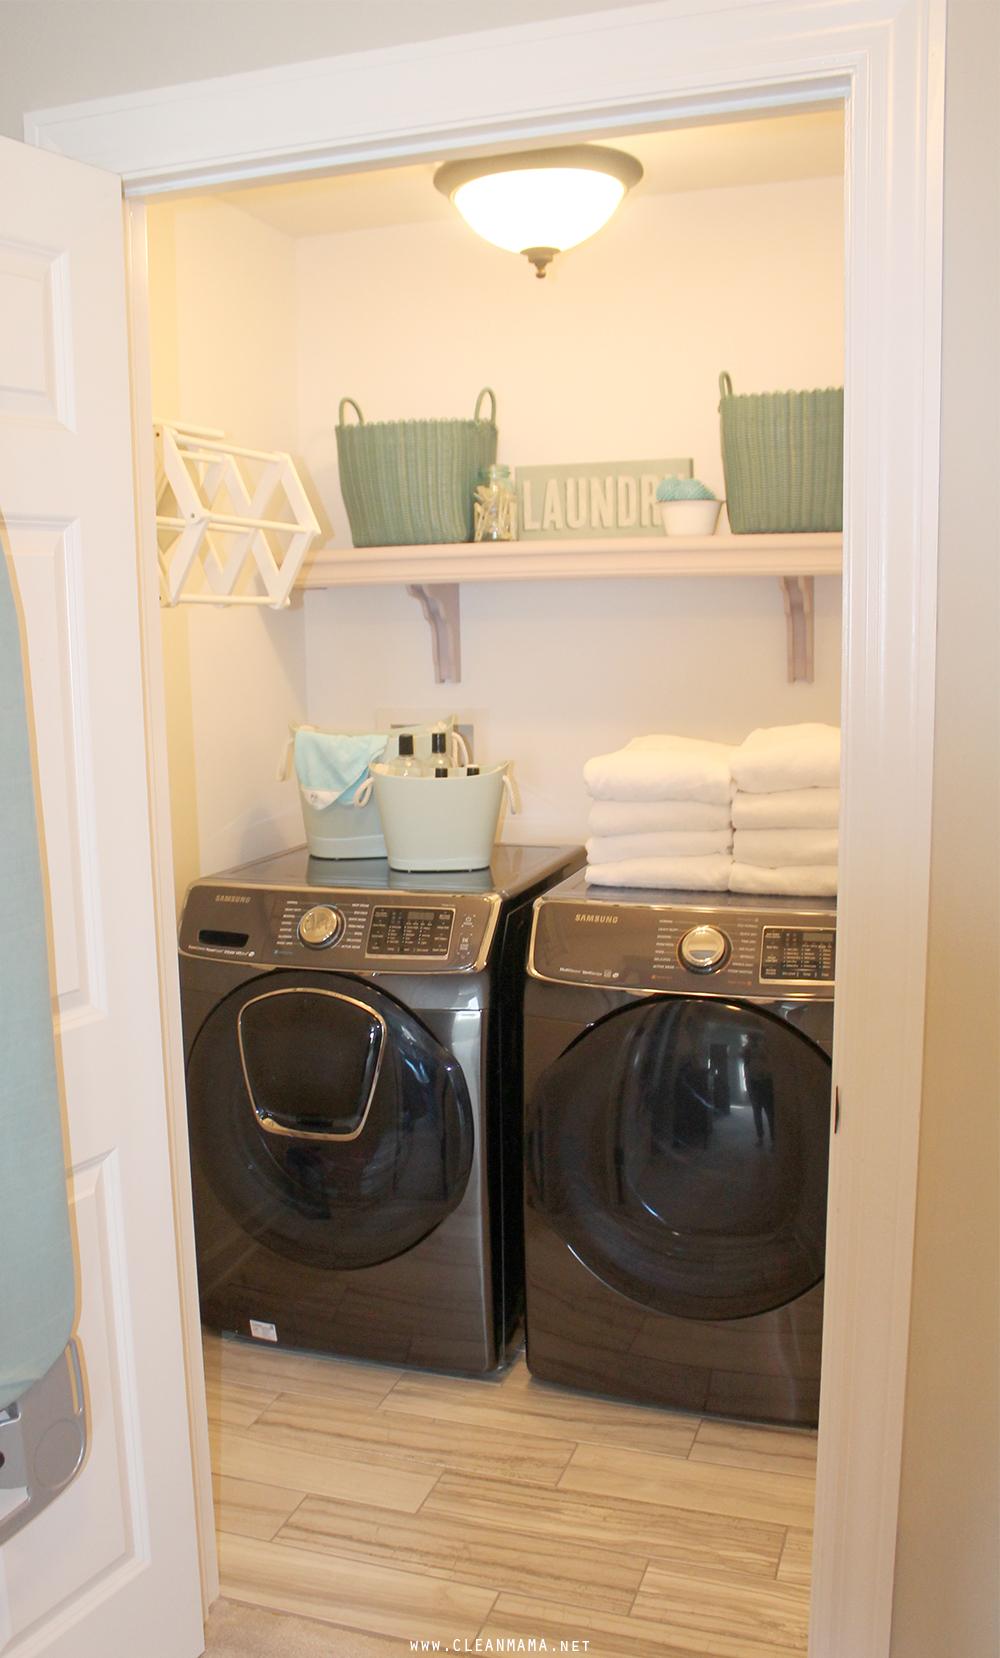 Samsung Washer + Dryer - Clean Mama